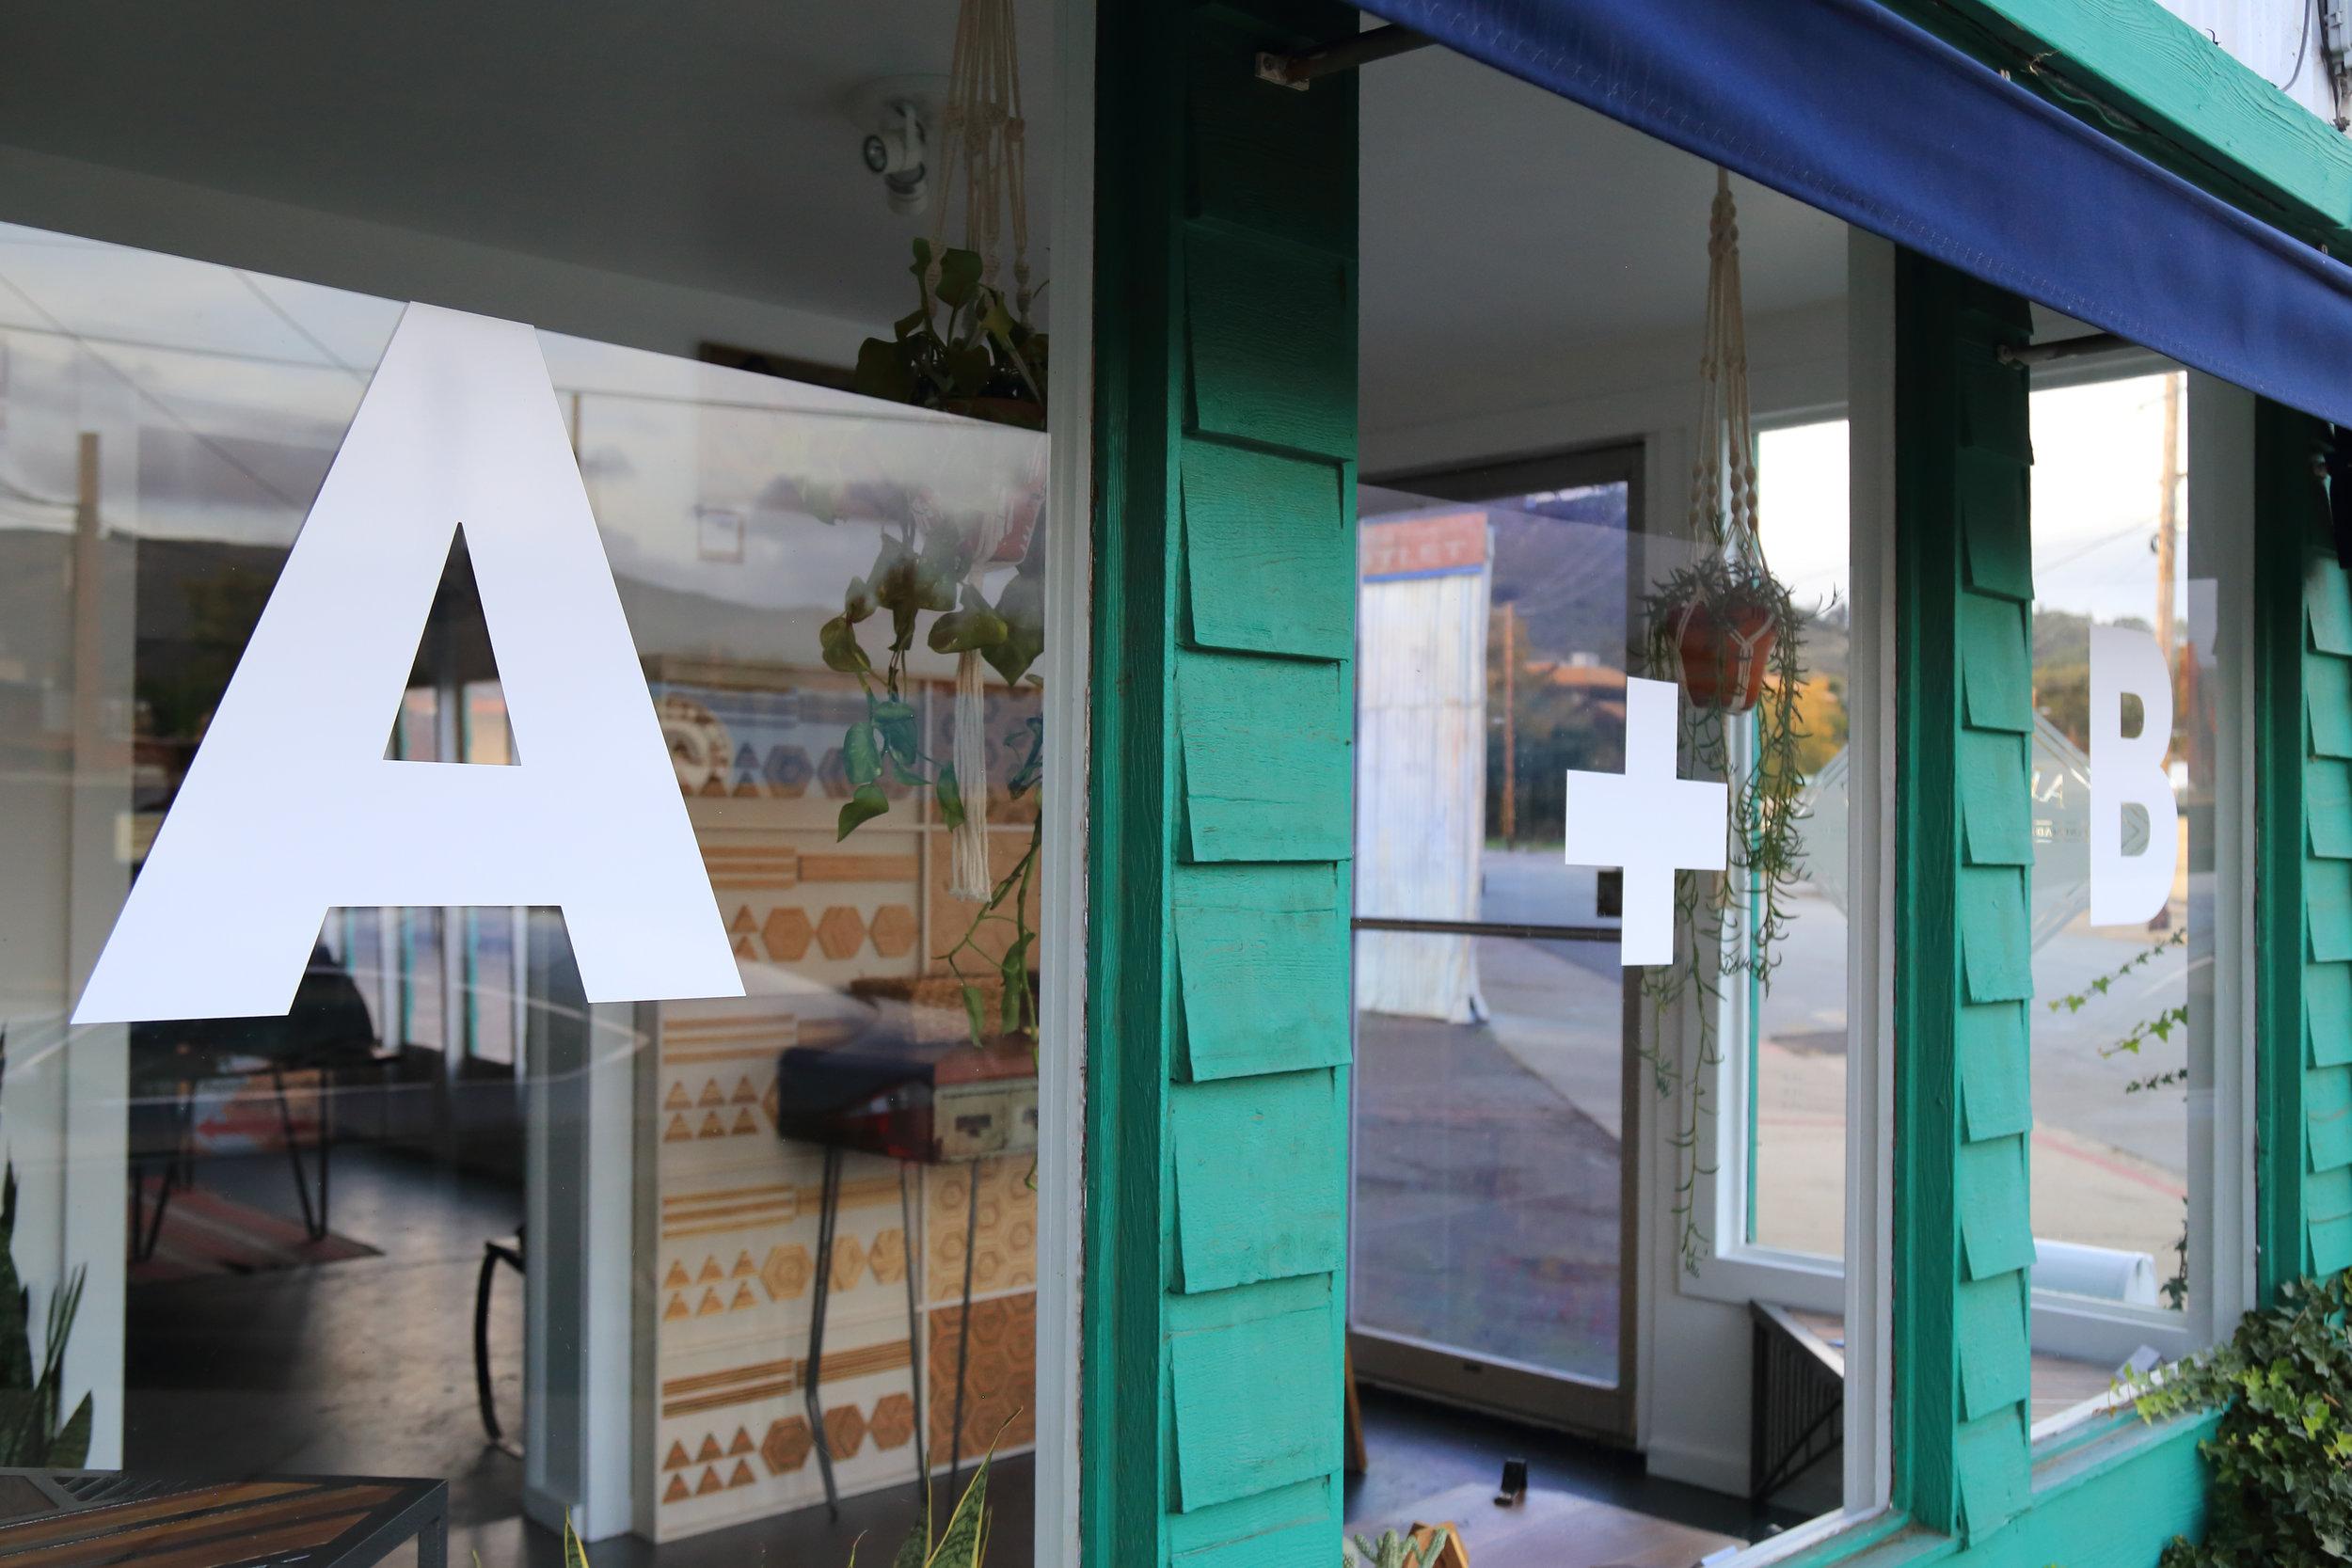 A peek into the A + B showroom